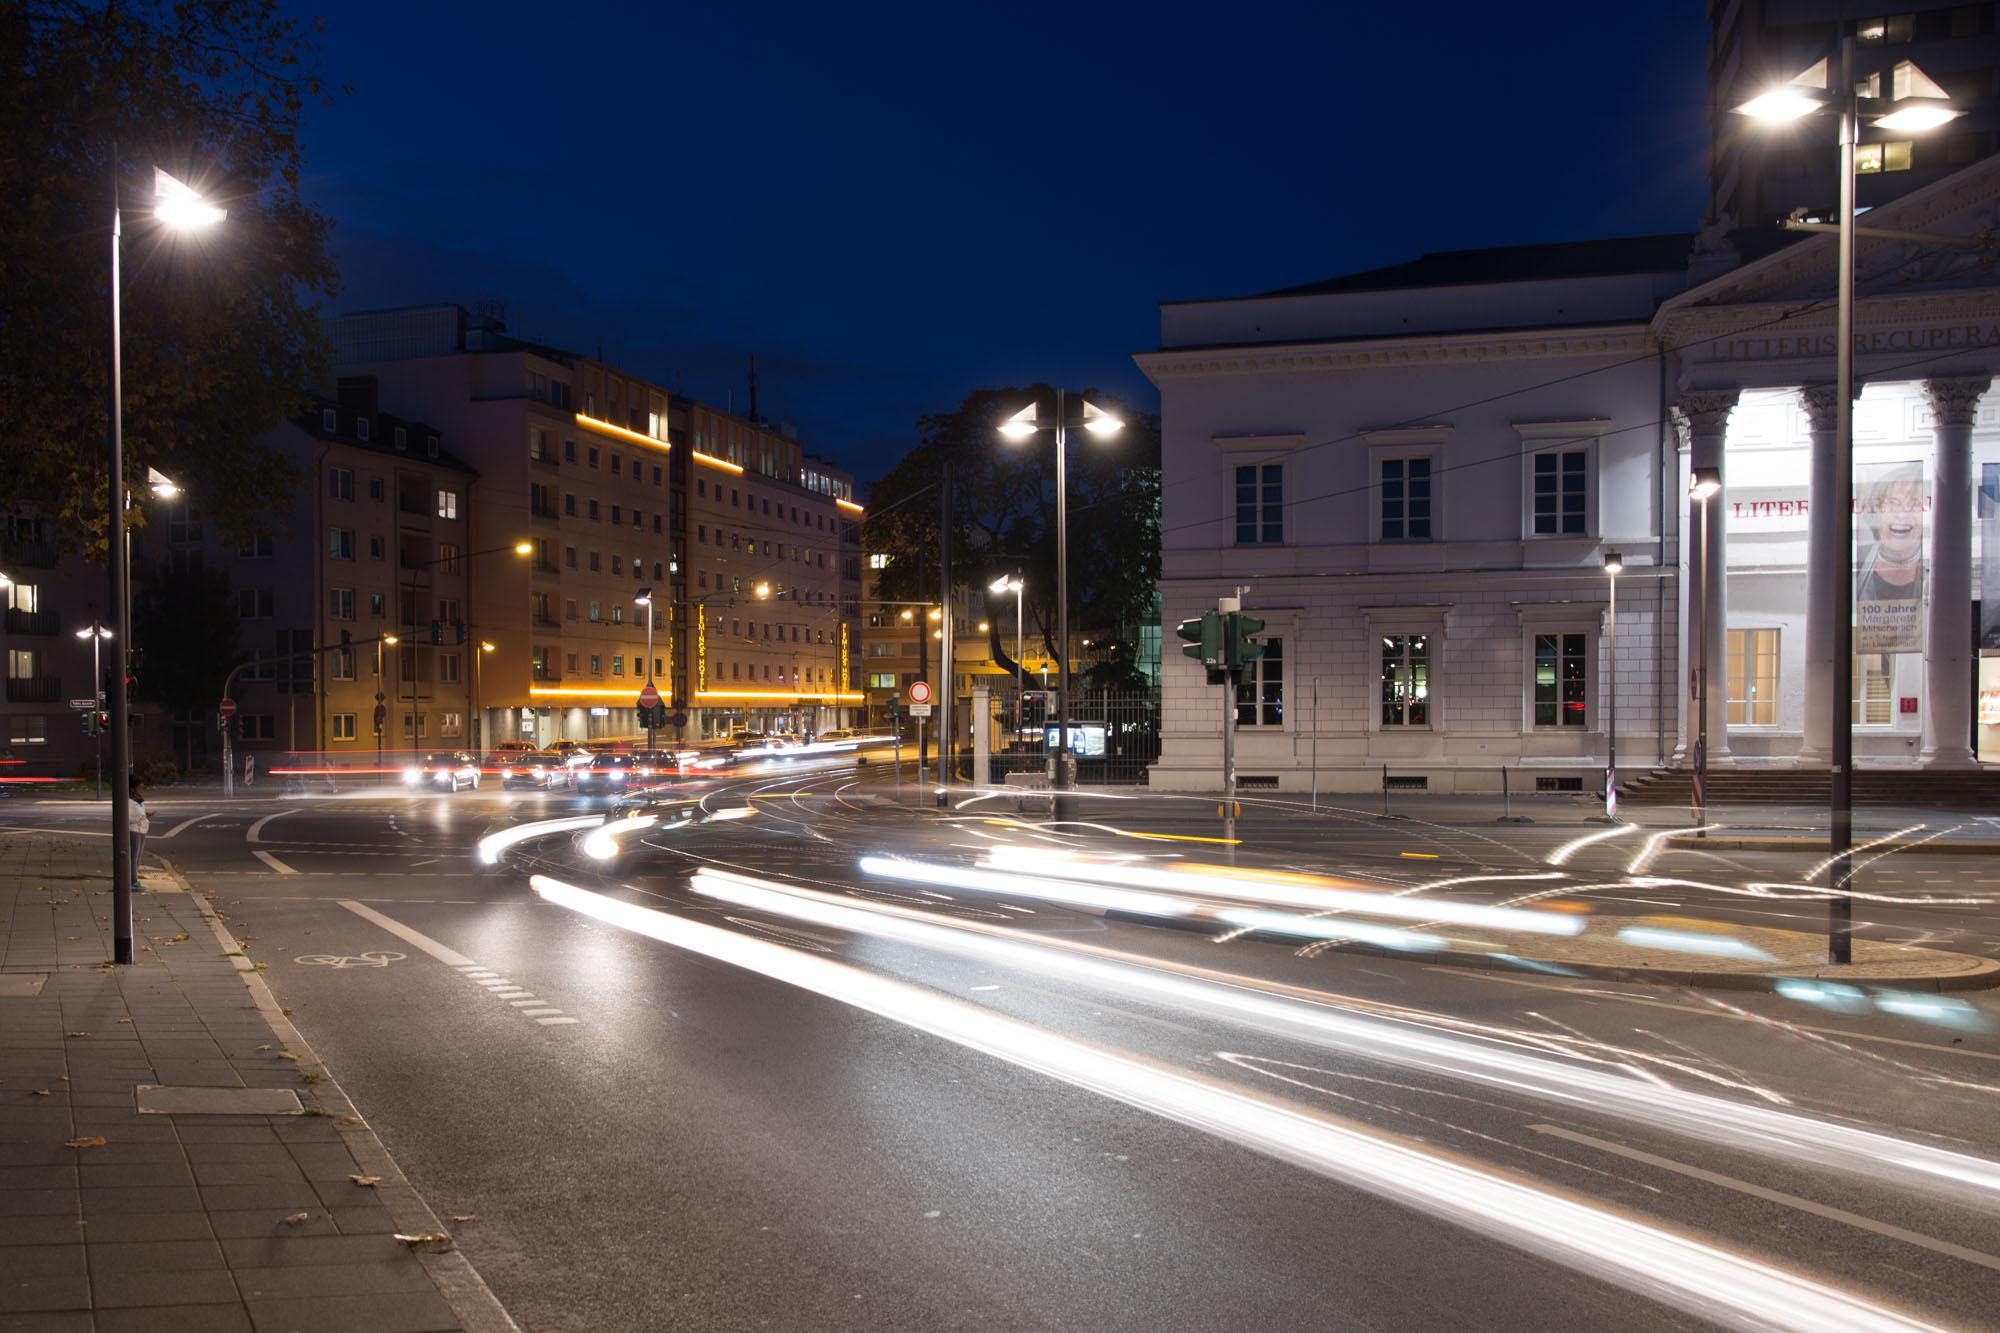 Nachtfotografie © Antonia Moers